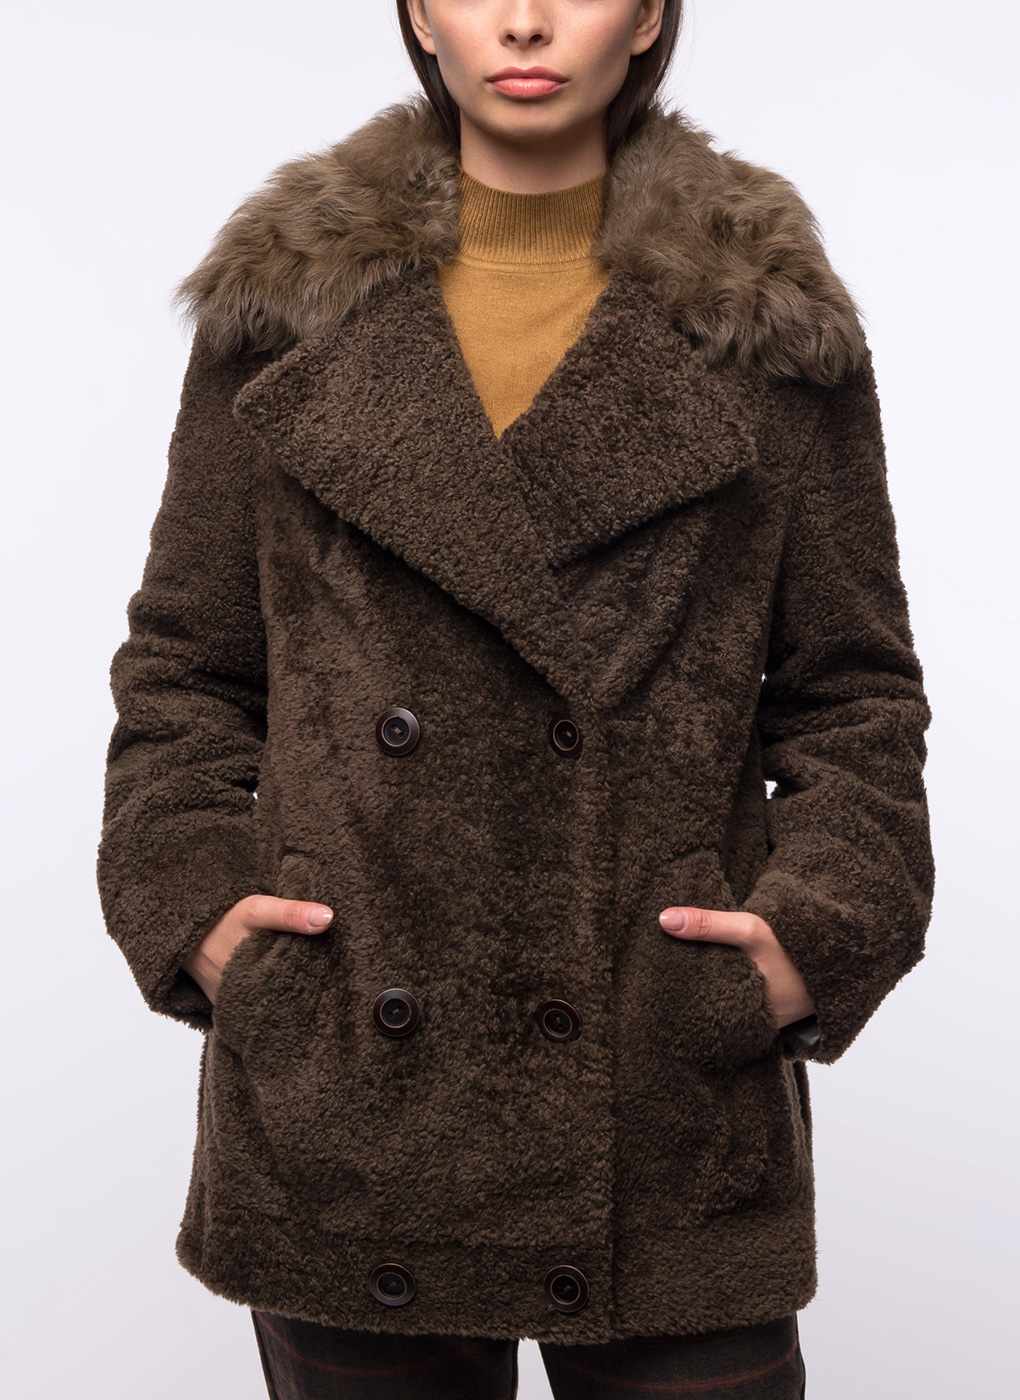 Куртка из овчины прямая 08, Aliance fur